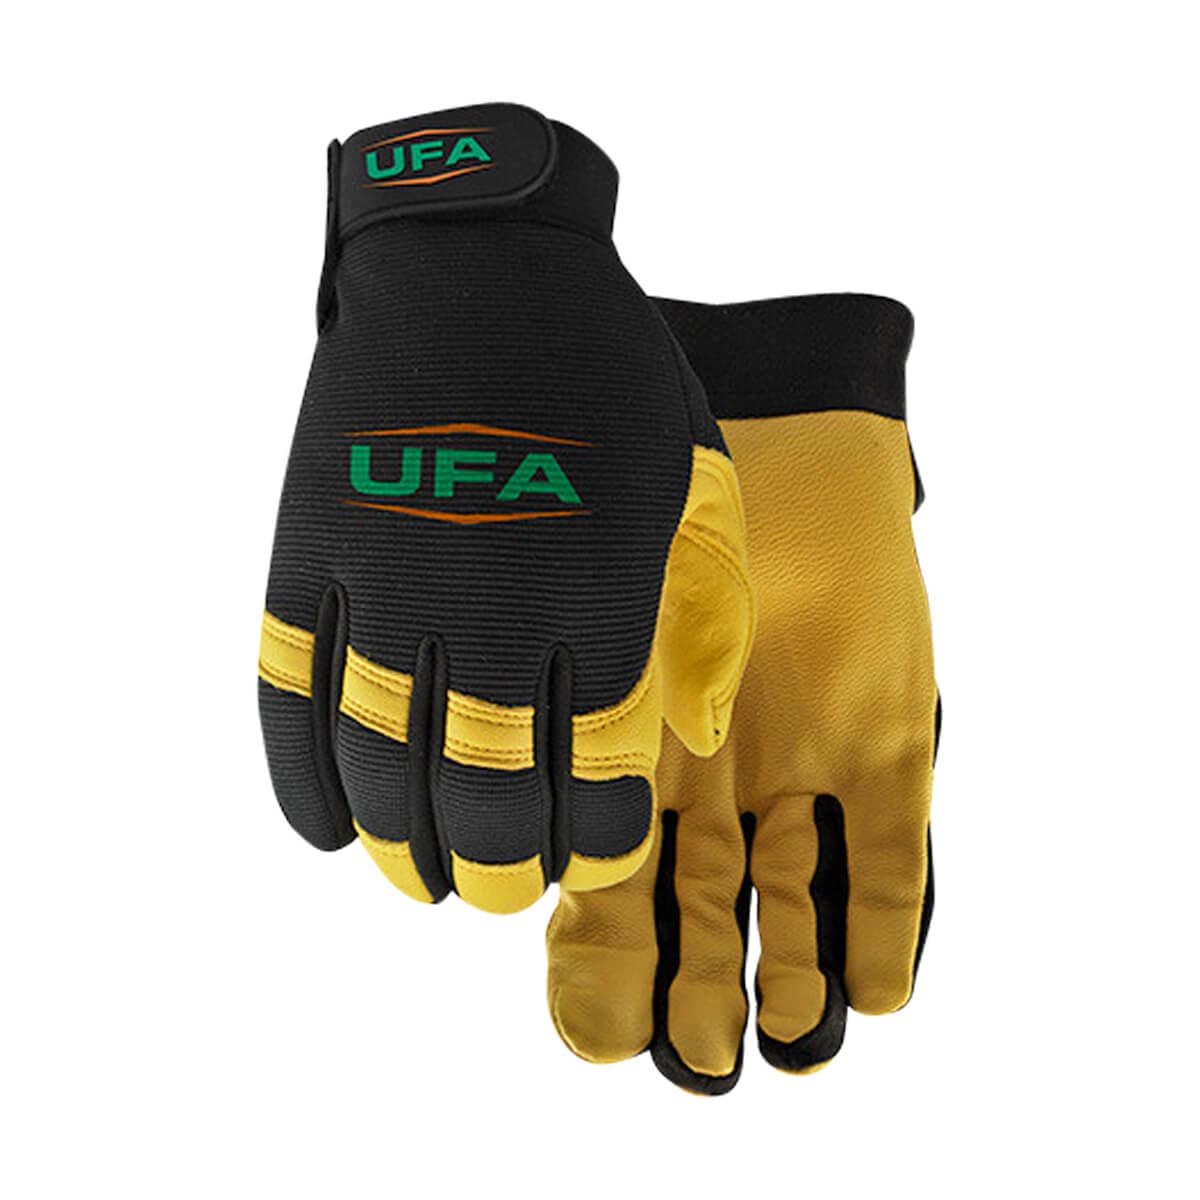 UFA Flextime Gloves